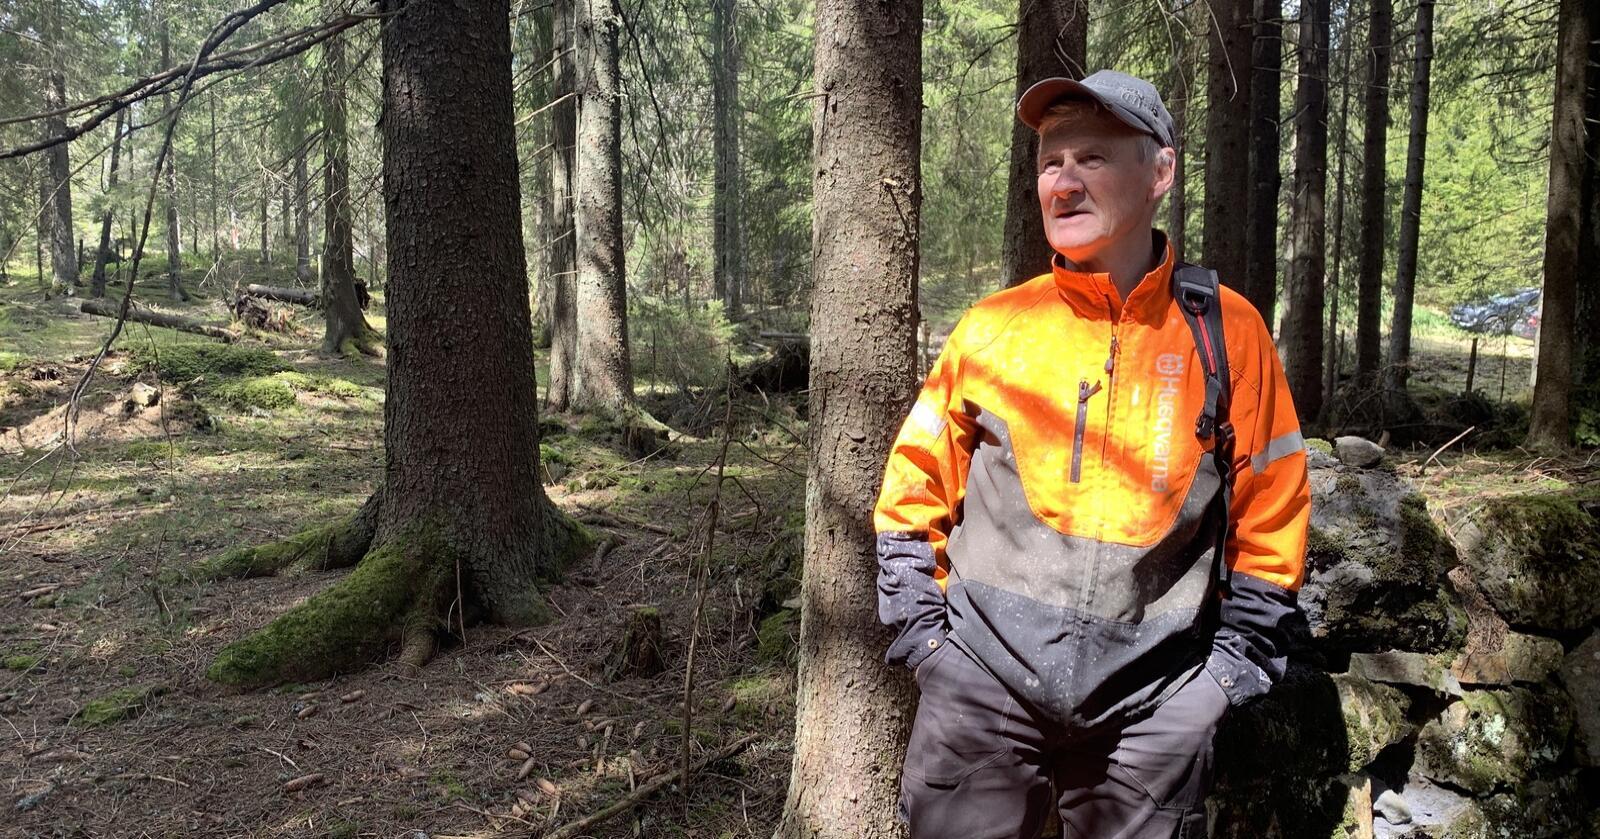 – Når det gjelder tømmer, synes jeg det er ille at en så liten andel fortsatt går tilbake til skogeieren, sier bonde og skogeier Olaf Godli. Foto: Andrea Sørøy